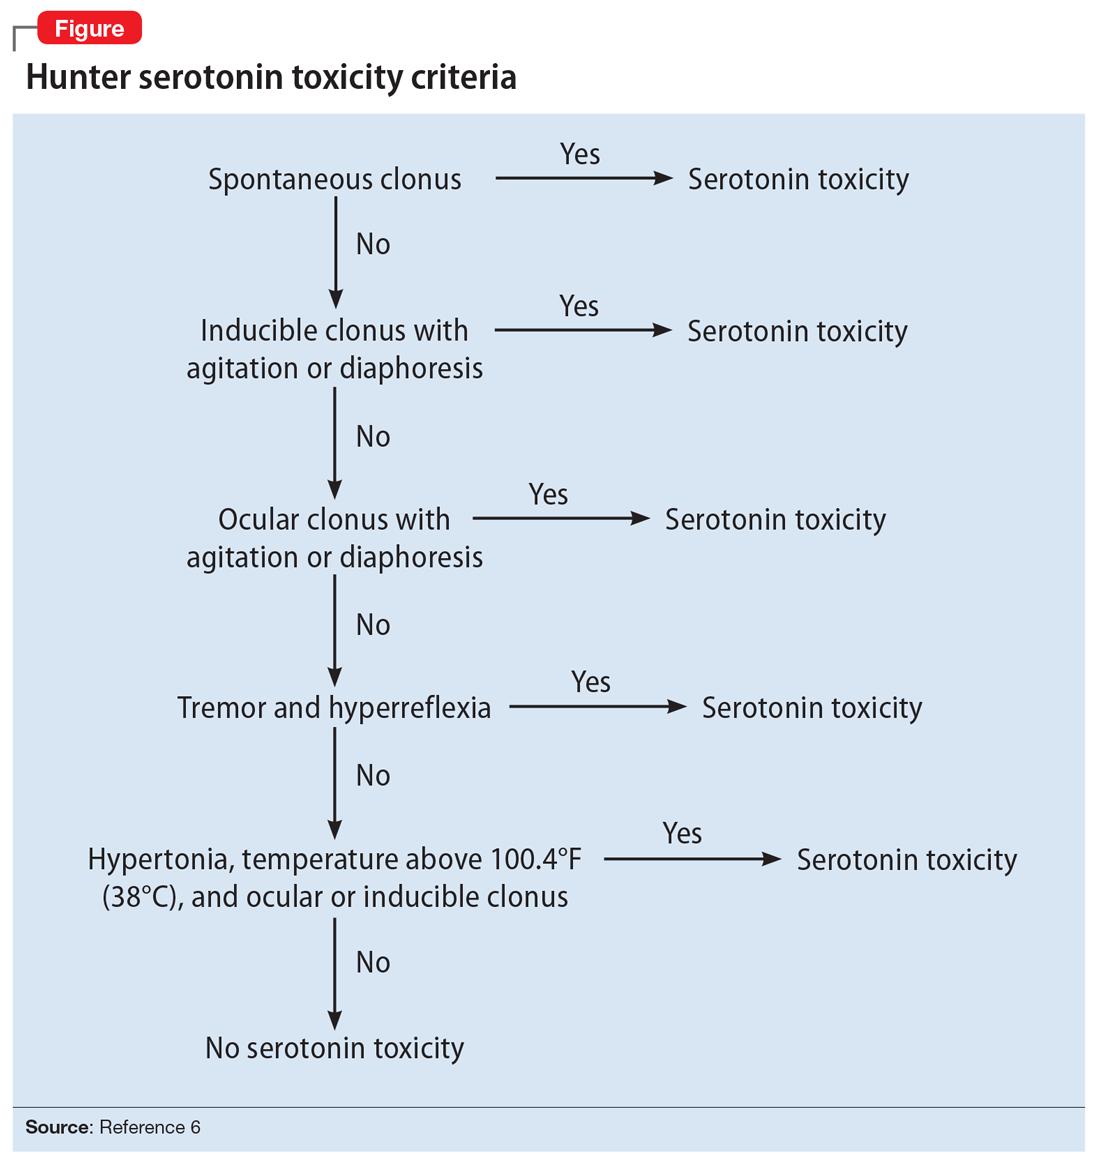 Hunter serotonin toxicity criteria